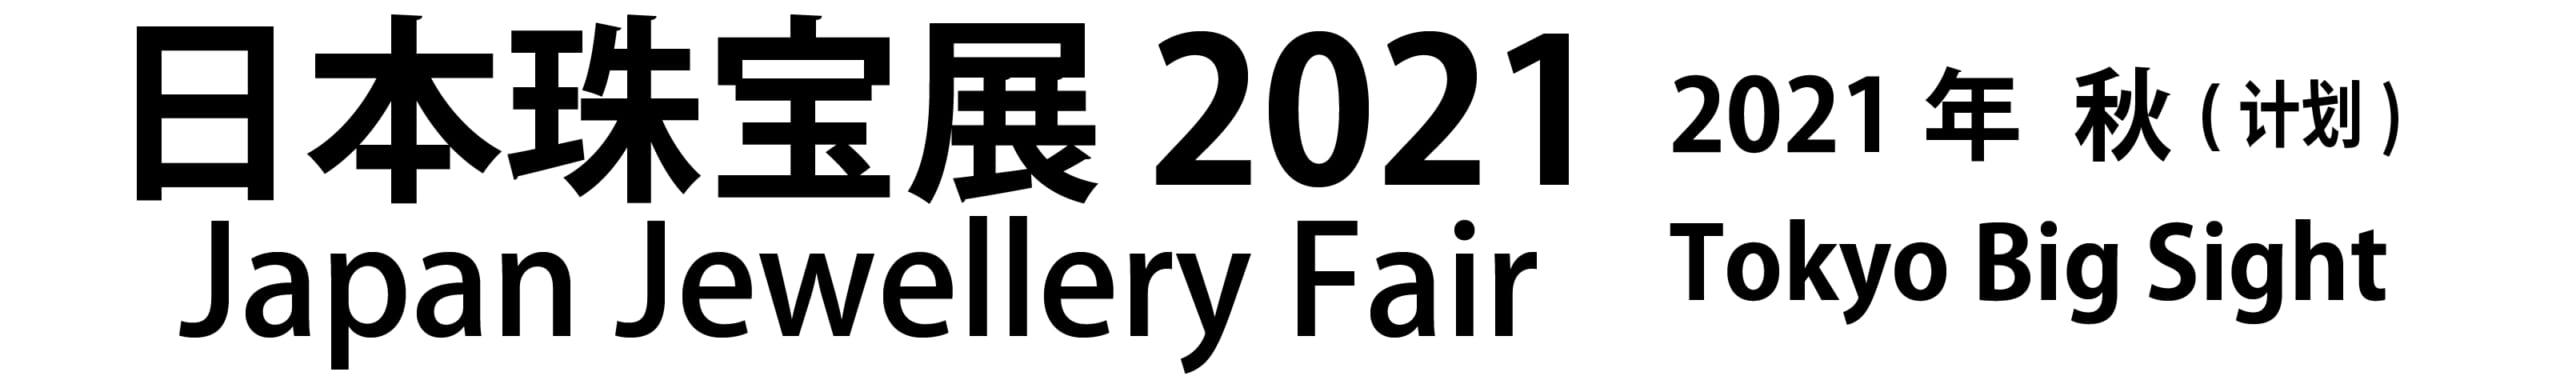 日本珠宝展 2021年 秋